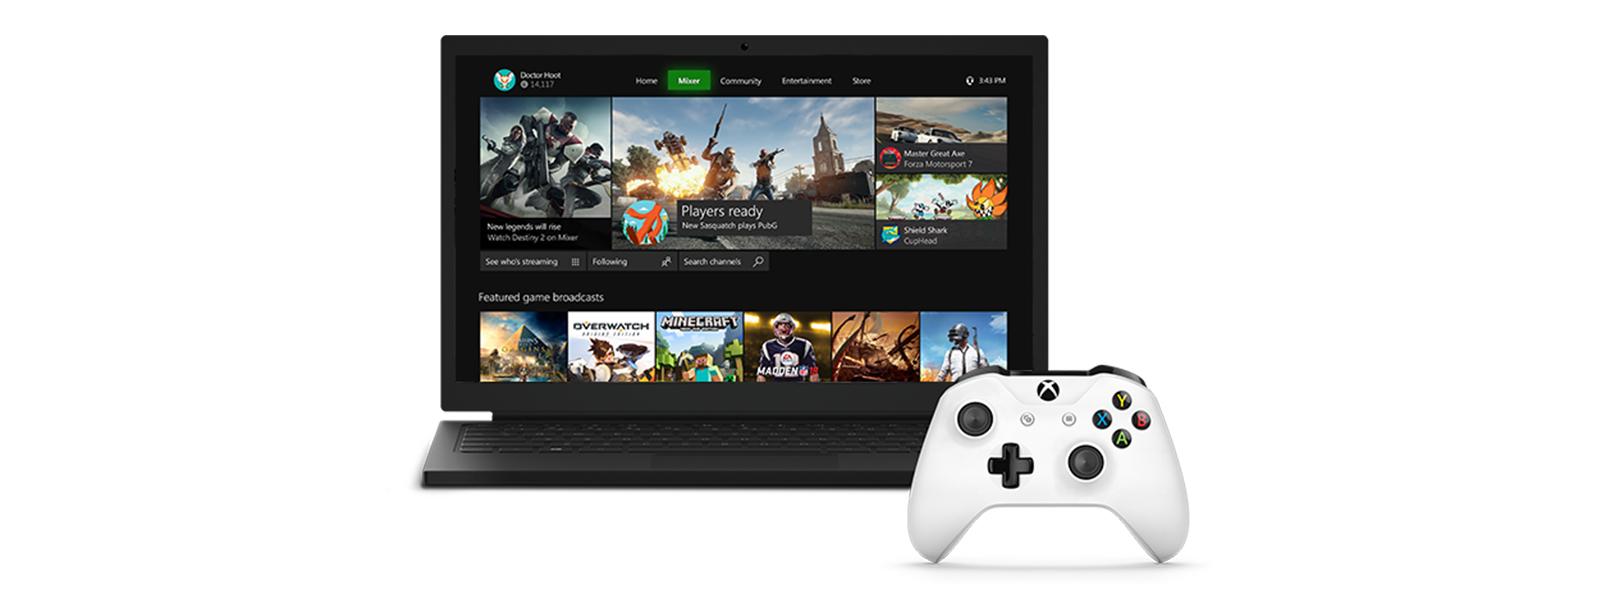 Nové rozhraní služby Mixer pro hraní v systému Windows 10